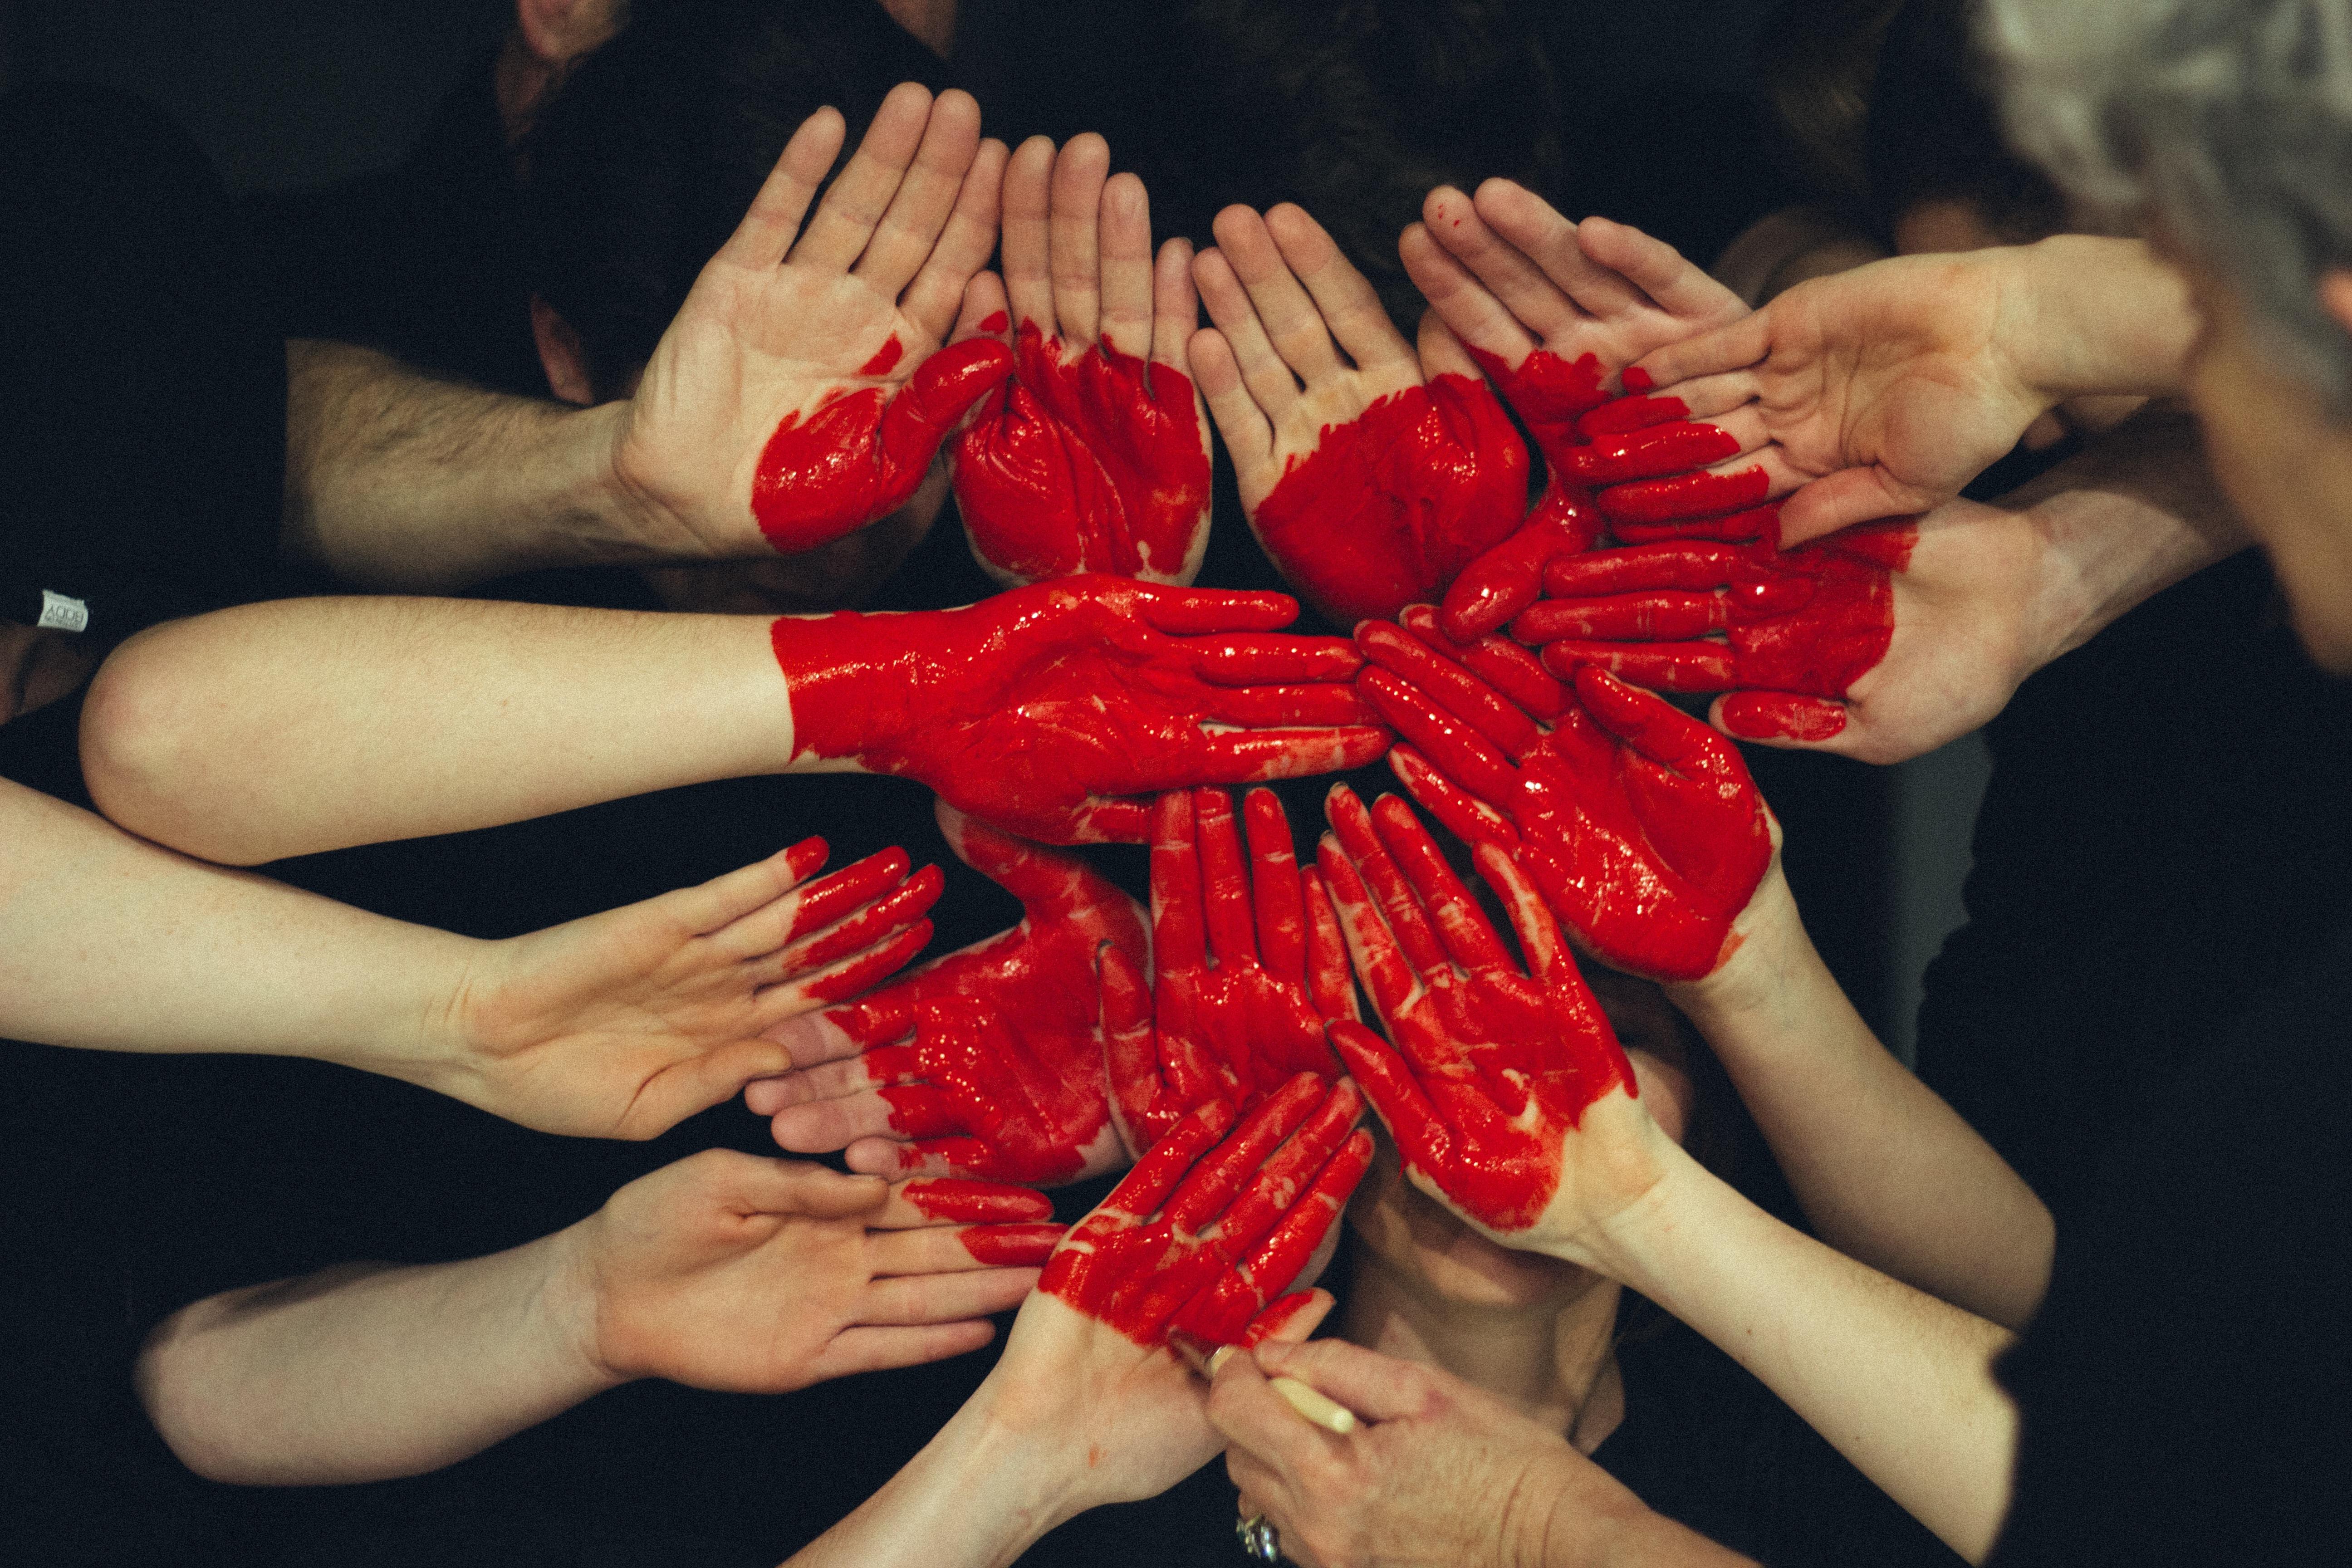 Empatia é a qualidade mais importante tanto para artistas como para empreendedores.